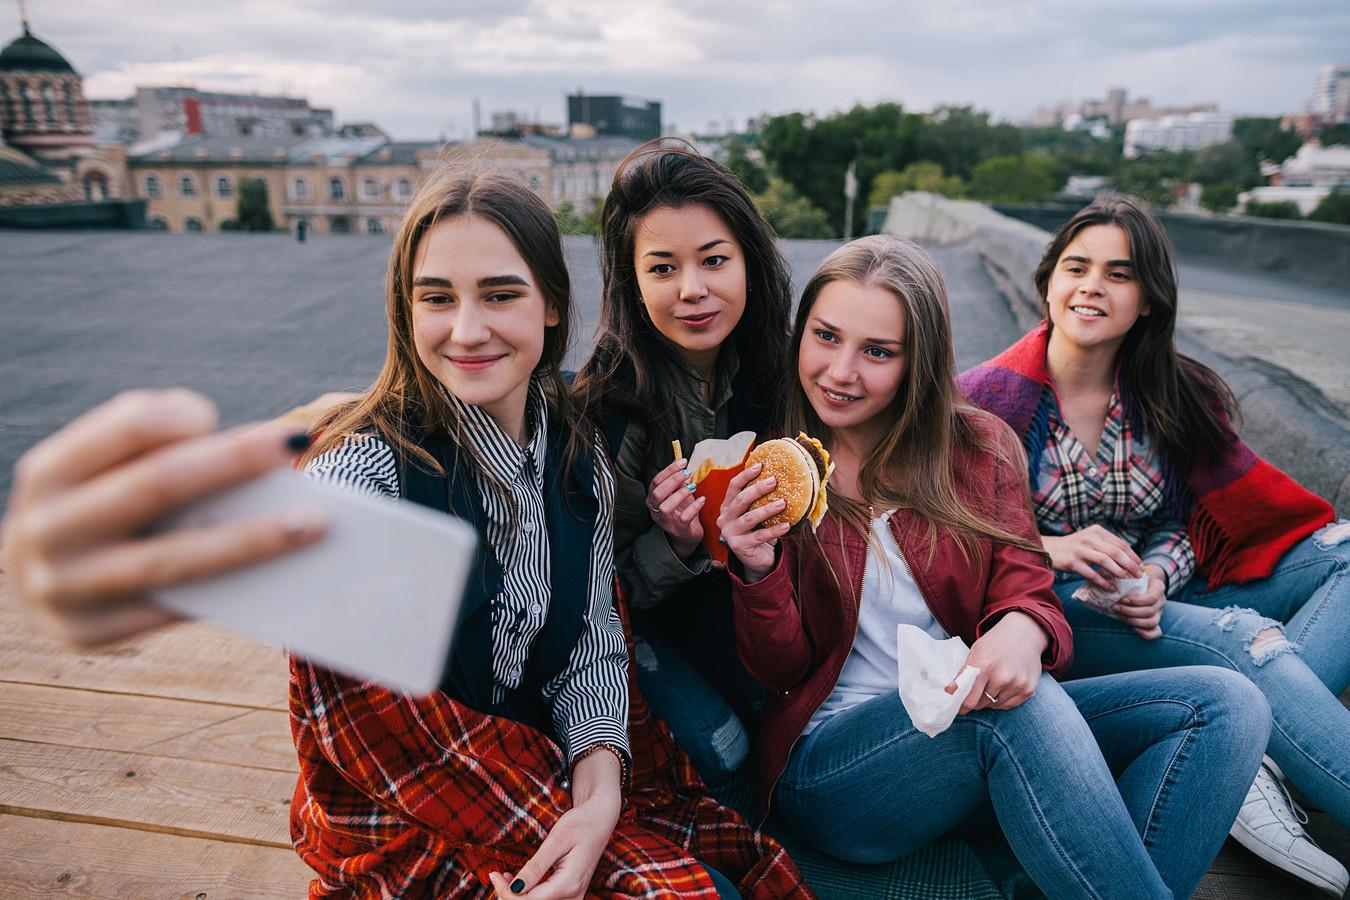 Uit onderzoek blijkt dat het beter is voor je gezondheid om enkele close vrienden te hebben.